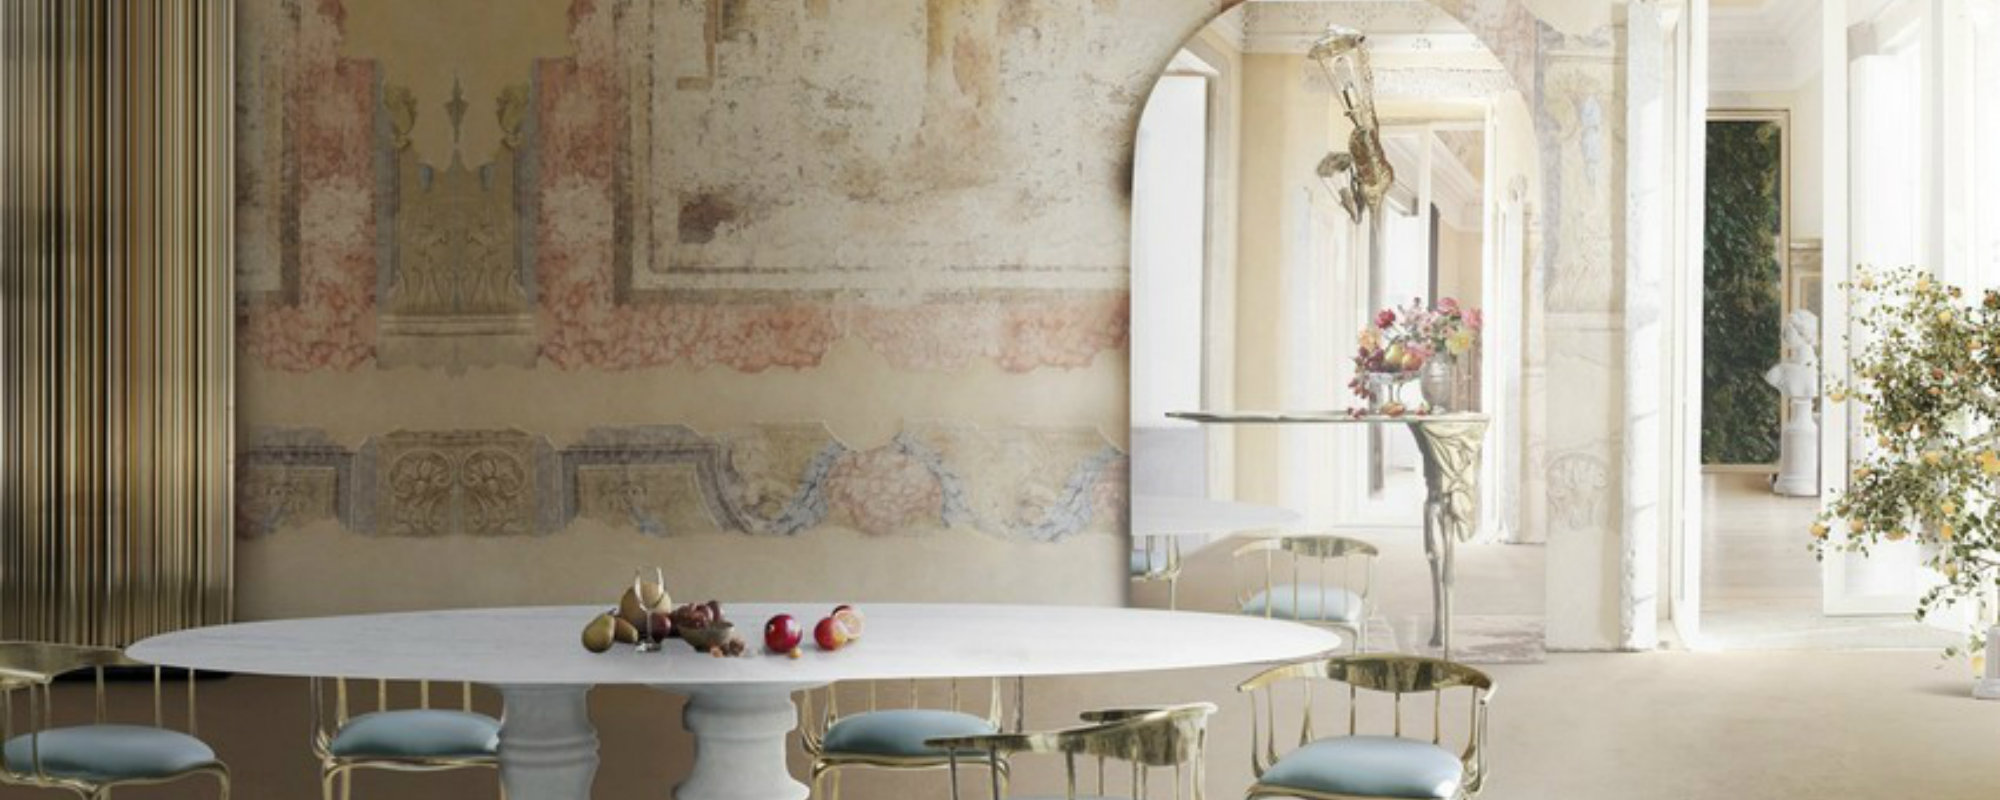 Proyectos de lujo: Piezas unicas para un Interiorismo de lujo proyectos de lujo Proyectos de lujo: Piezas unicas para un Interiorismo de lujo Featured 9